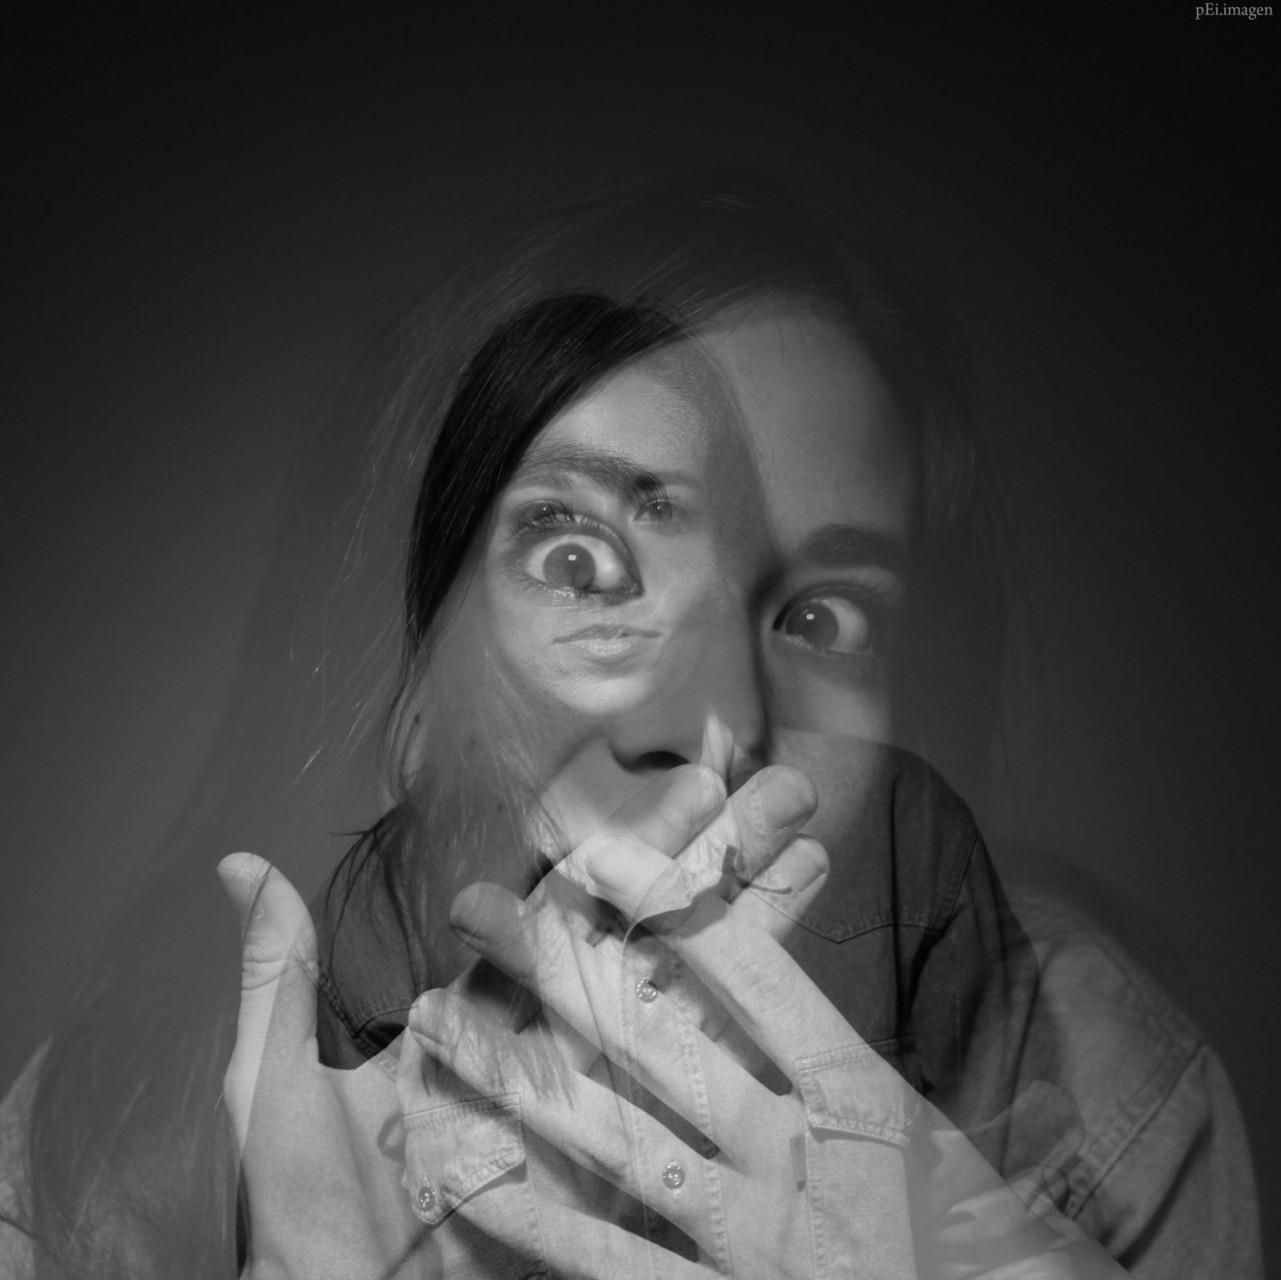 peipegata me myself I proyectos fotografia peipegatafotografia # 027 Reyes Gonzalez Garcia